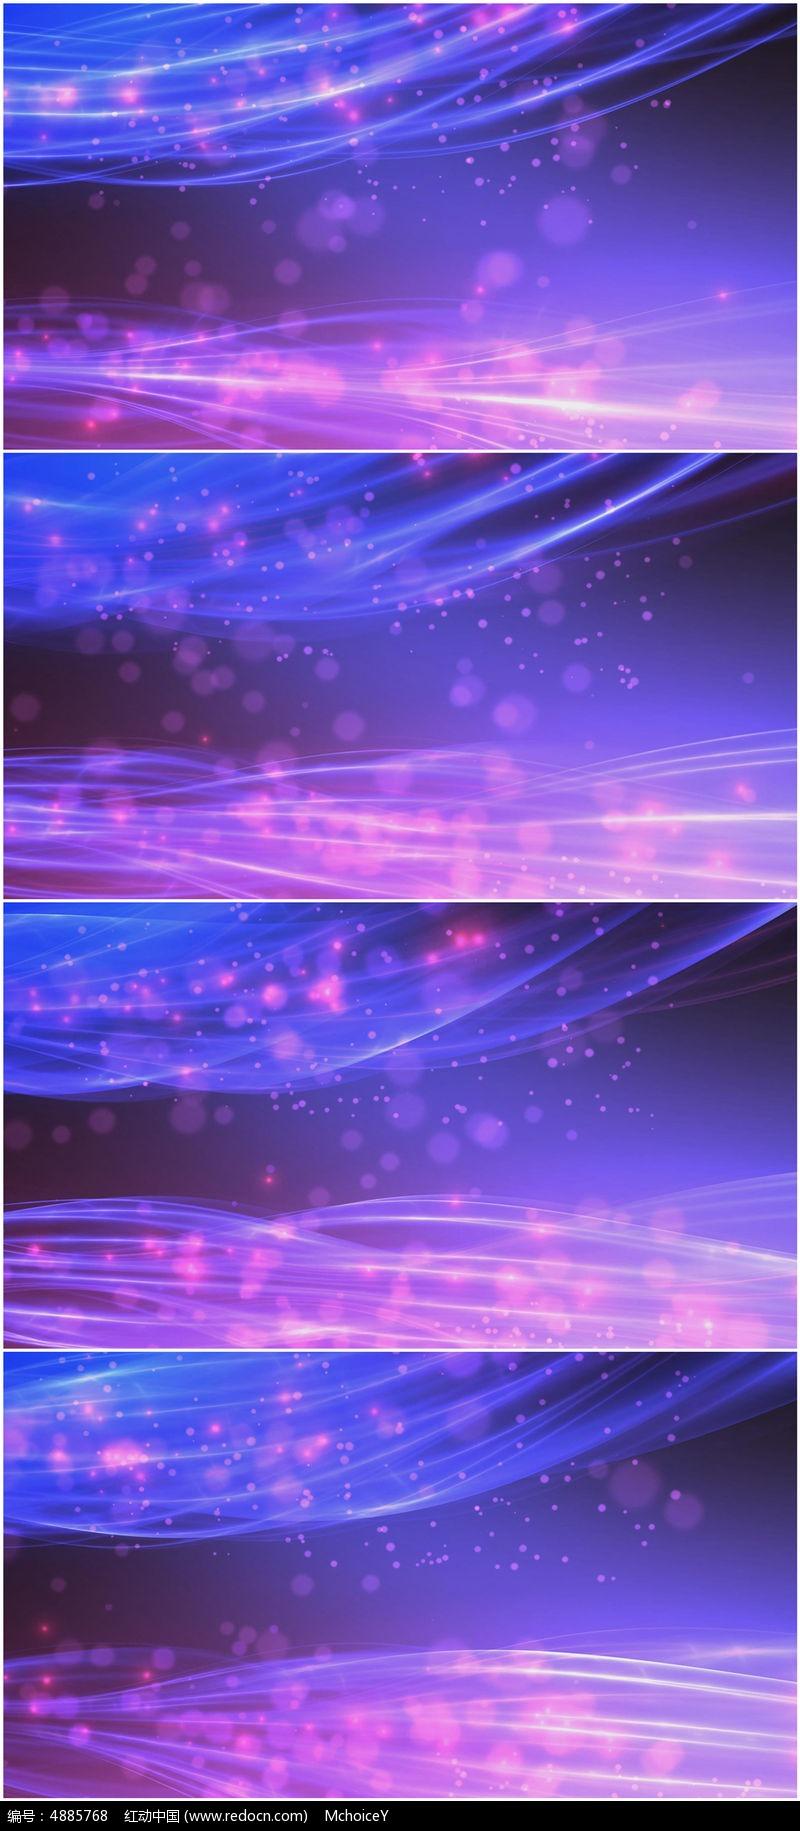 2k唯美大气紫色光线粒子缓慢动态视频素材